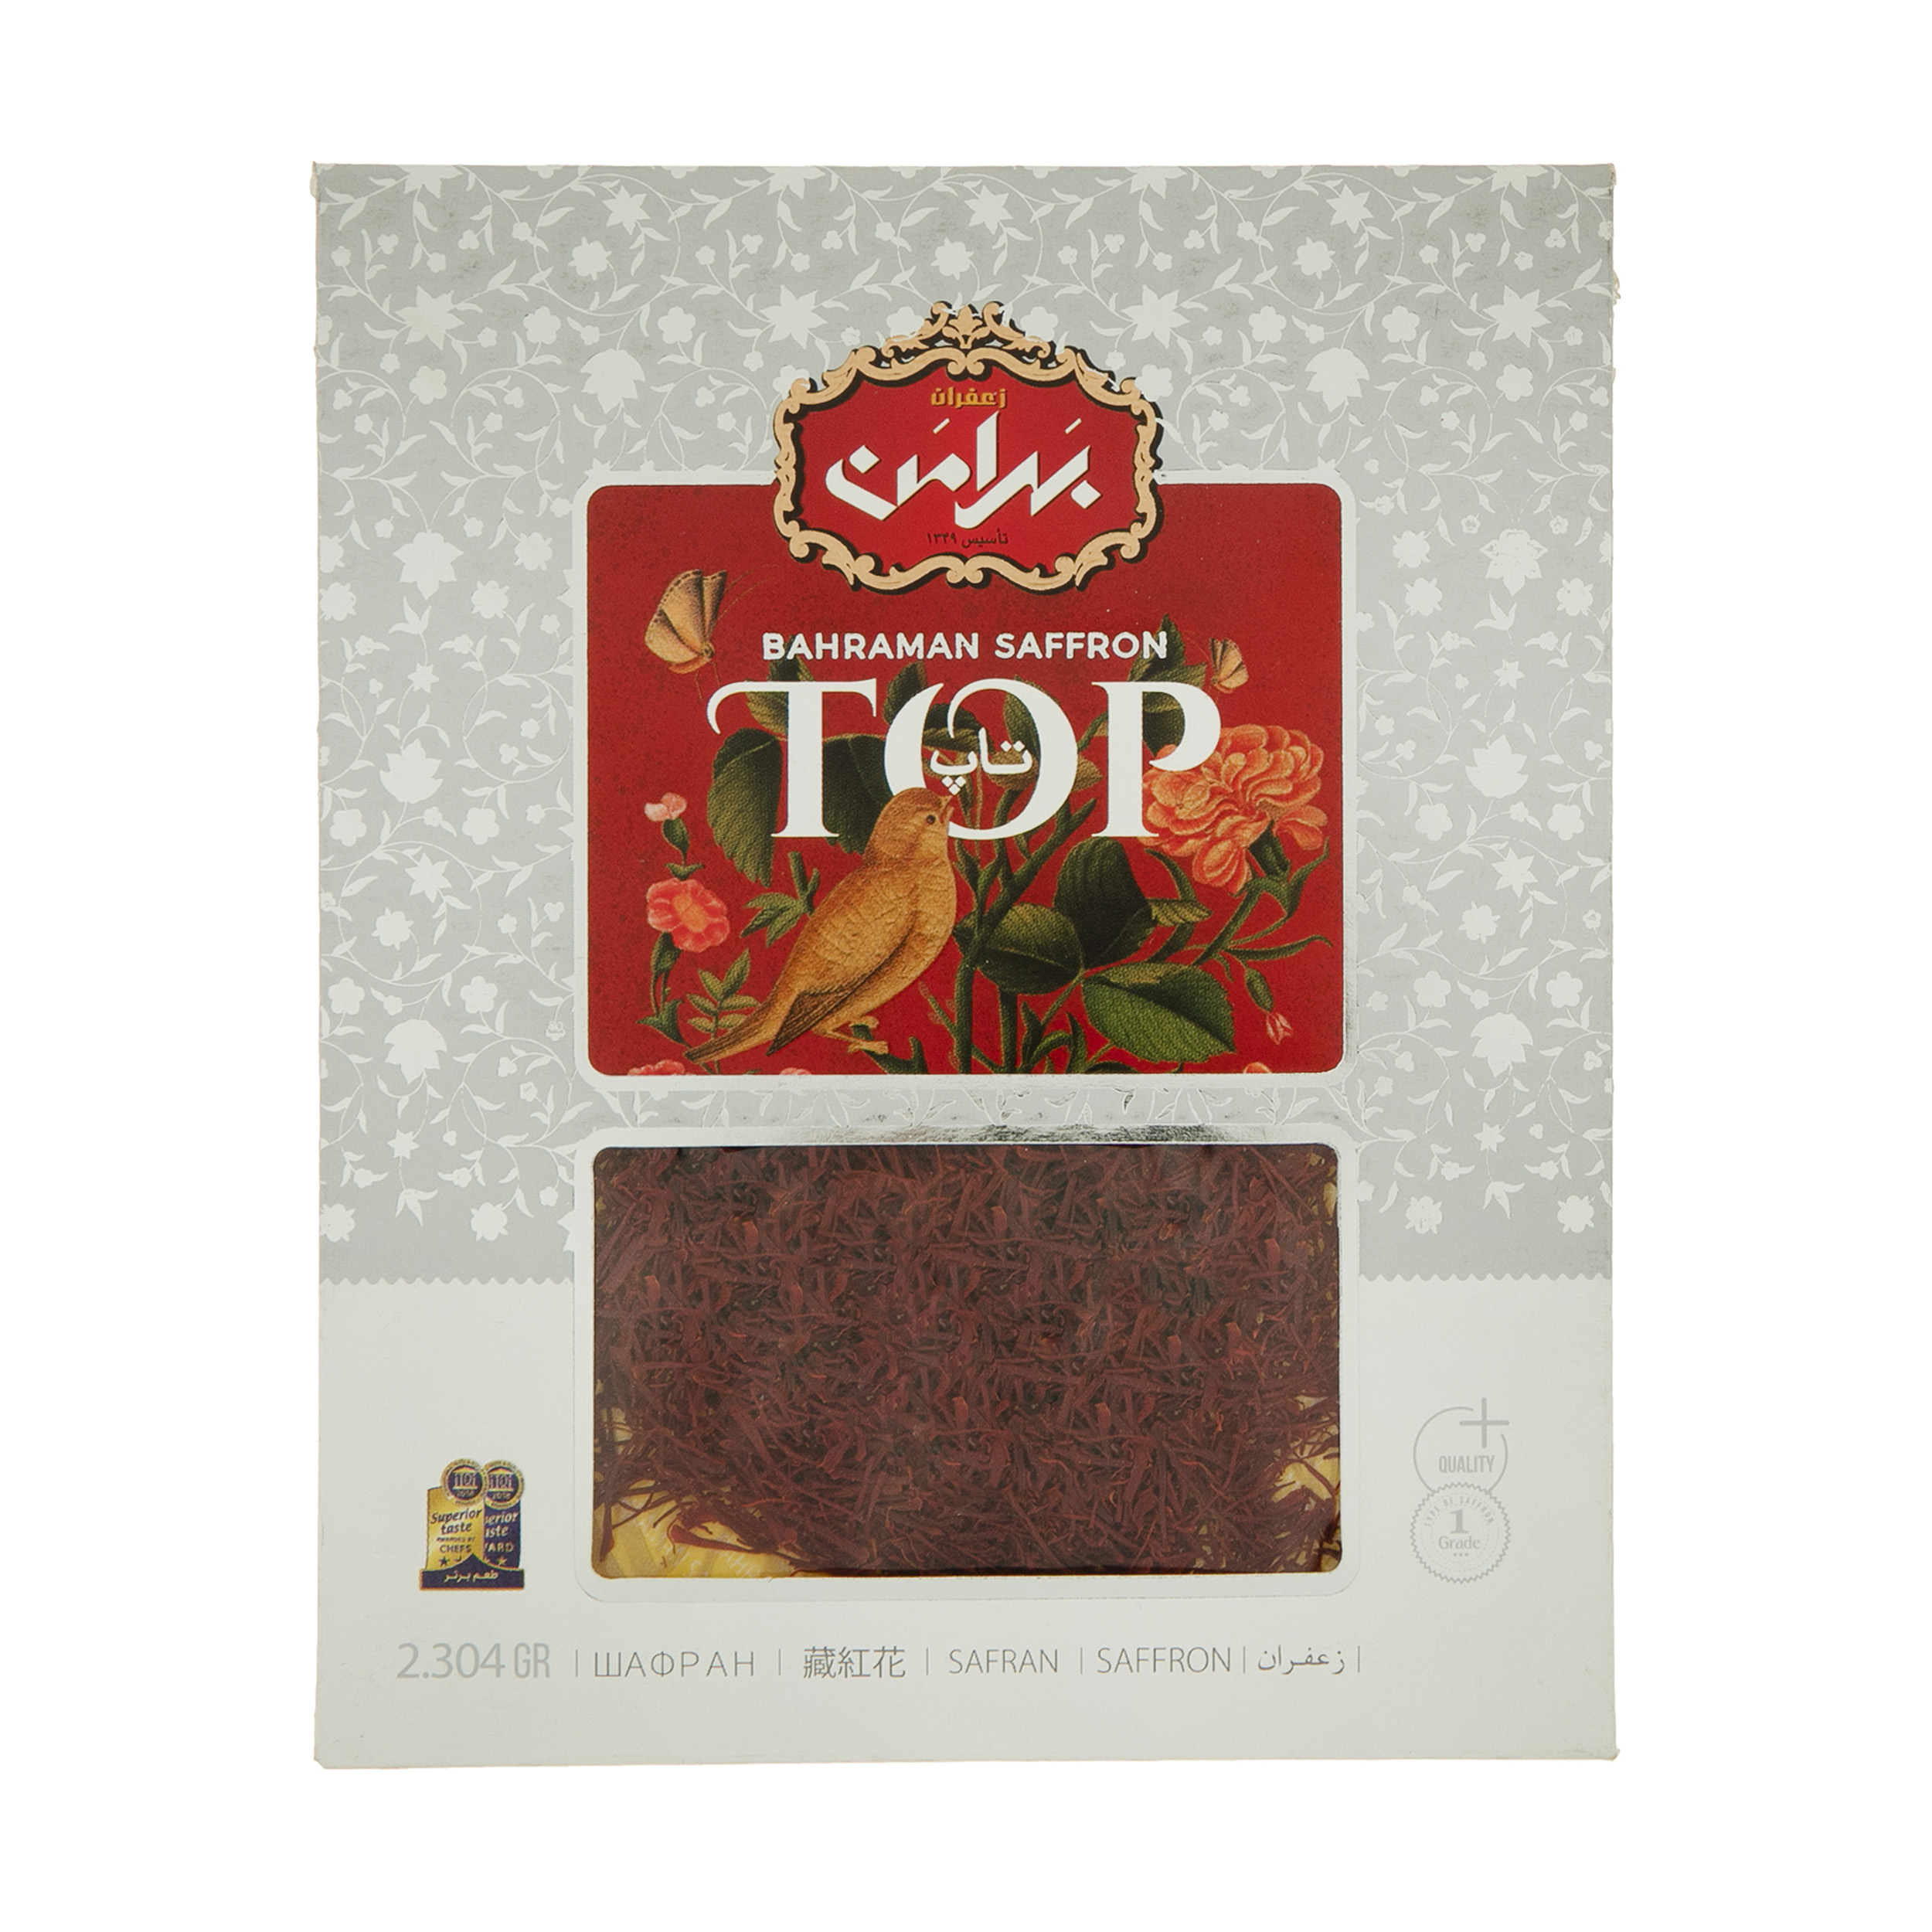 زعفران بهرامن سری تاپ مقدار 2.304 گرم